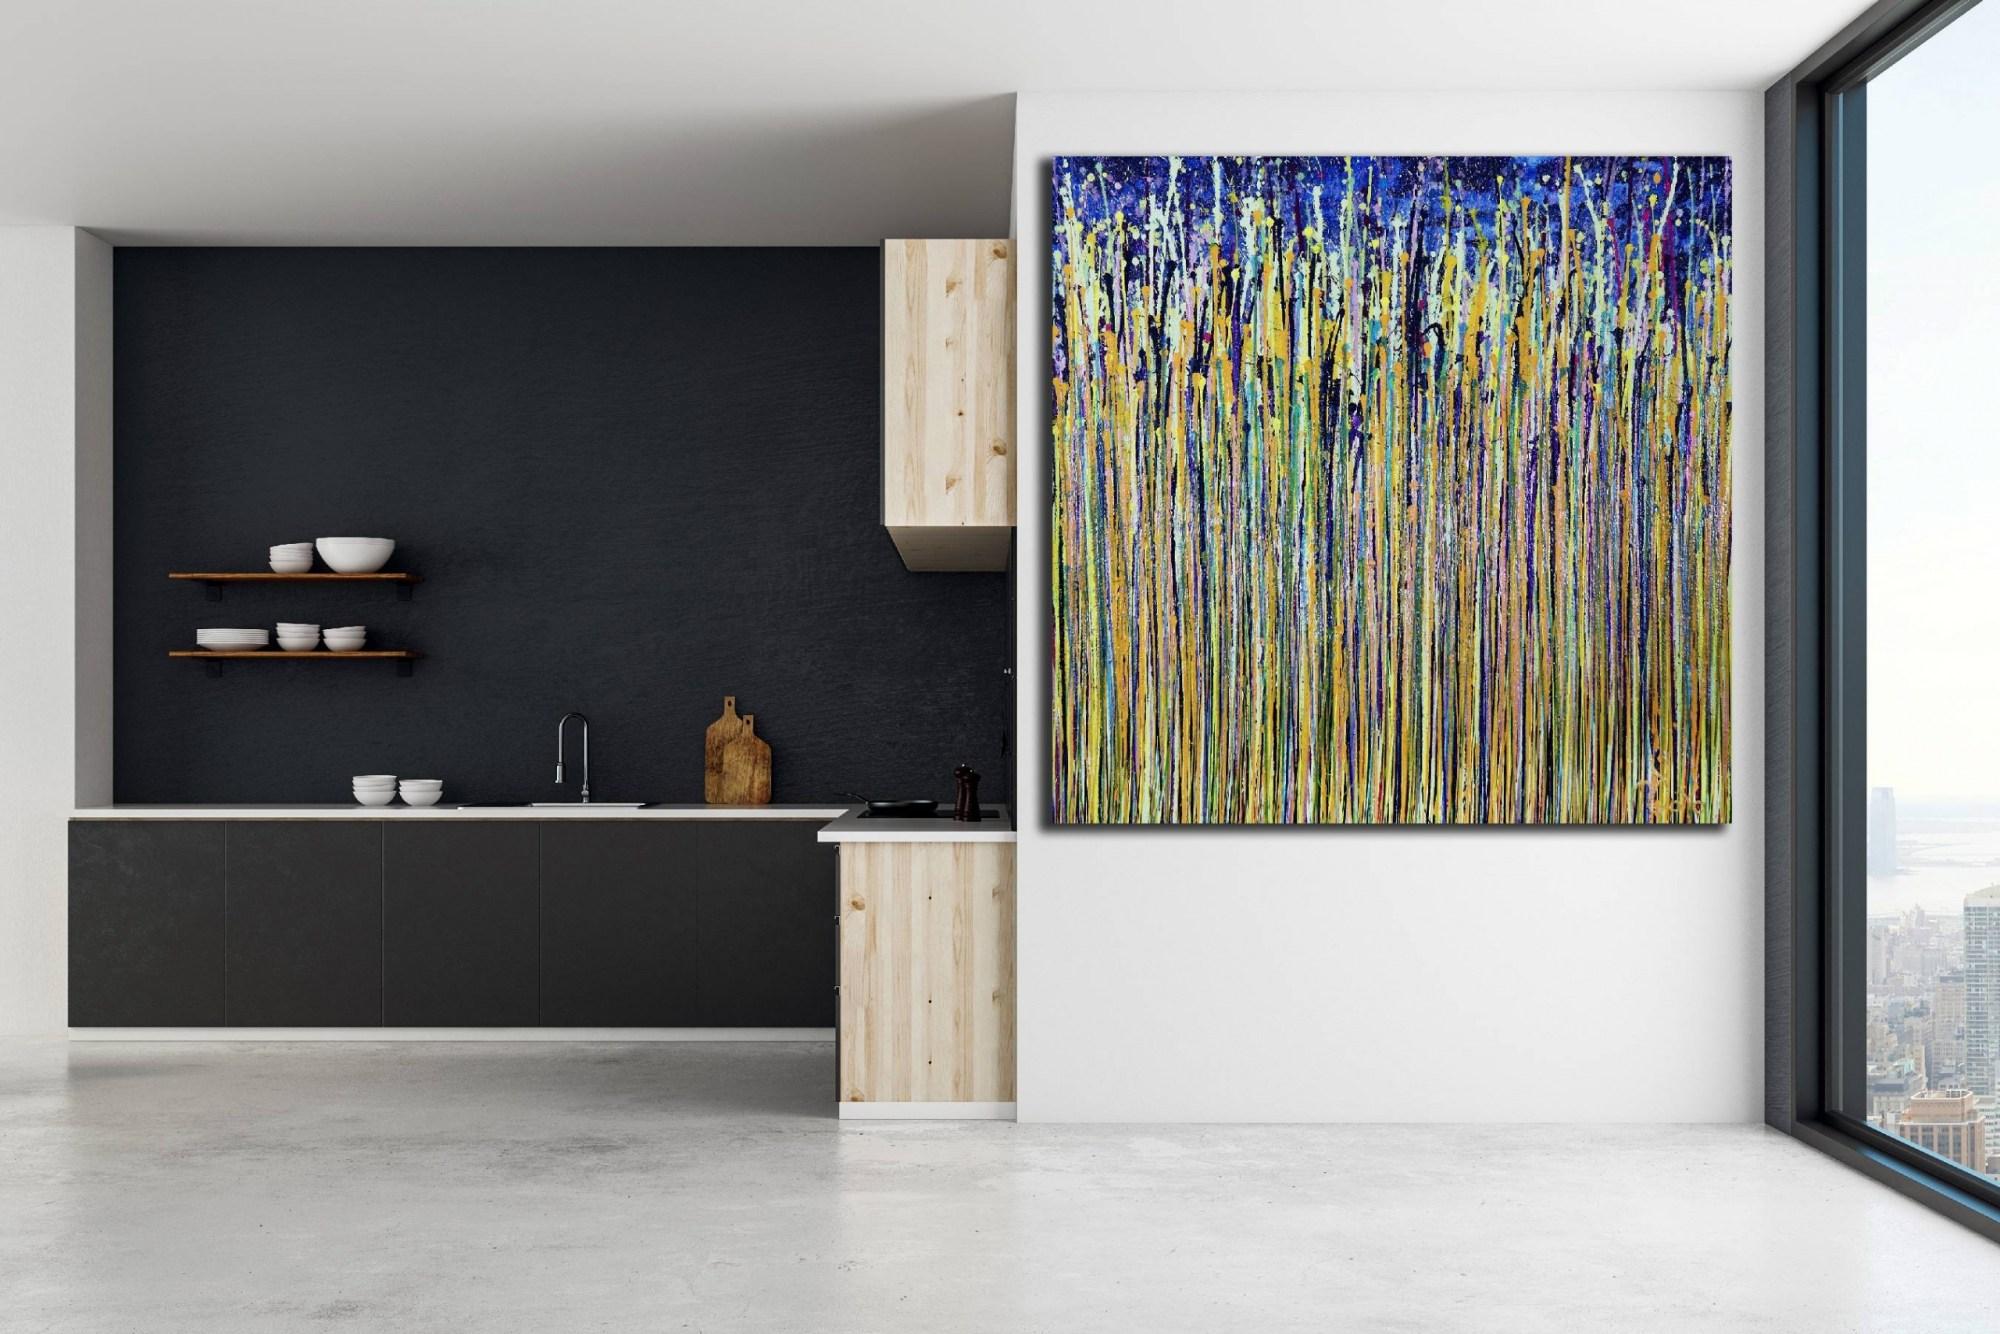 Daydream Panorama (Natures Imagery) 16 (2020) by Nestor Toro